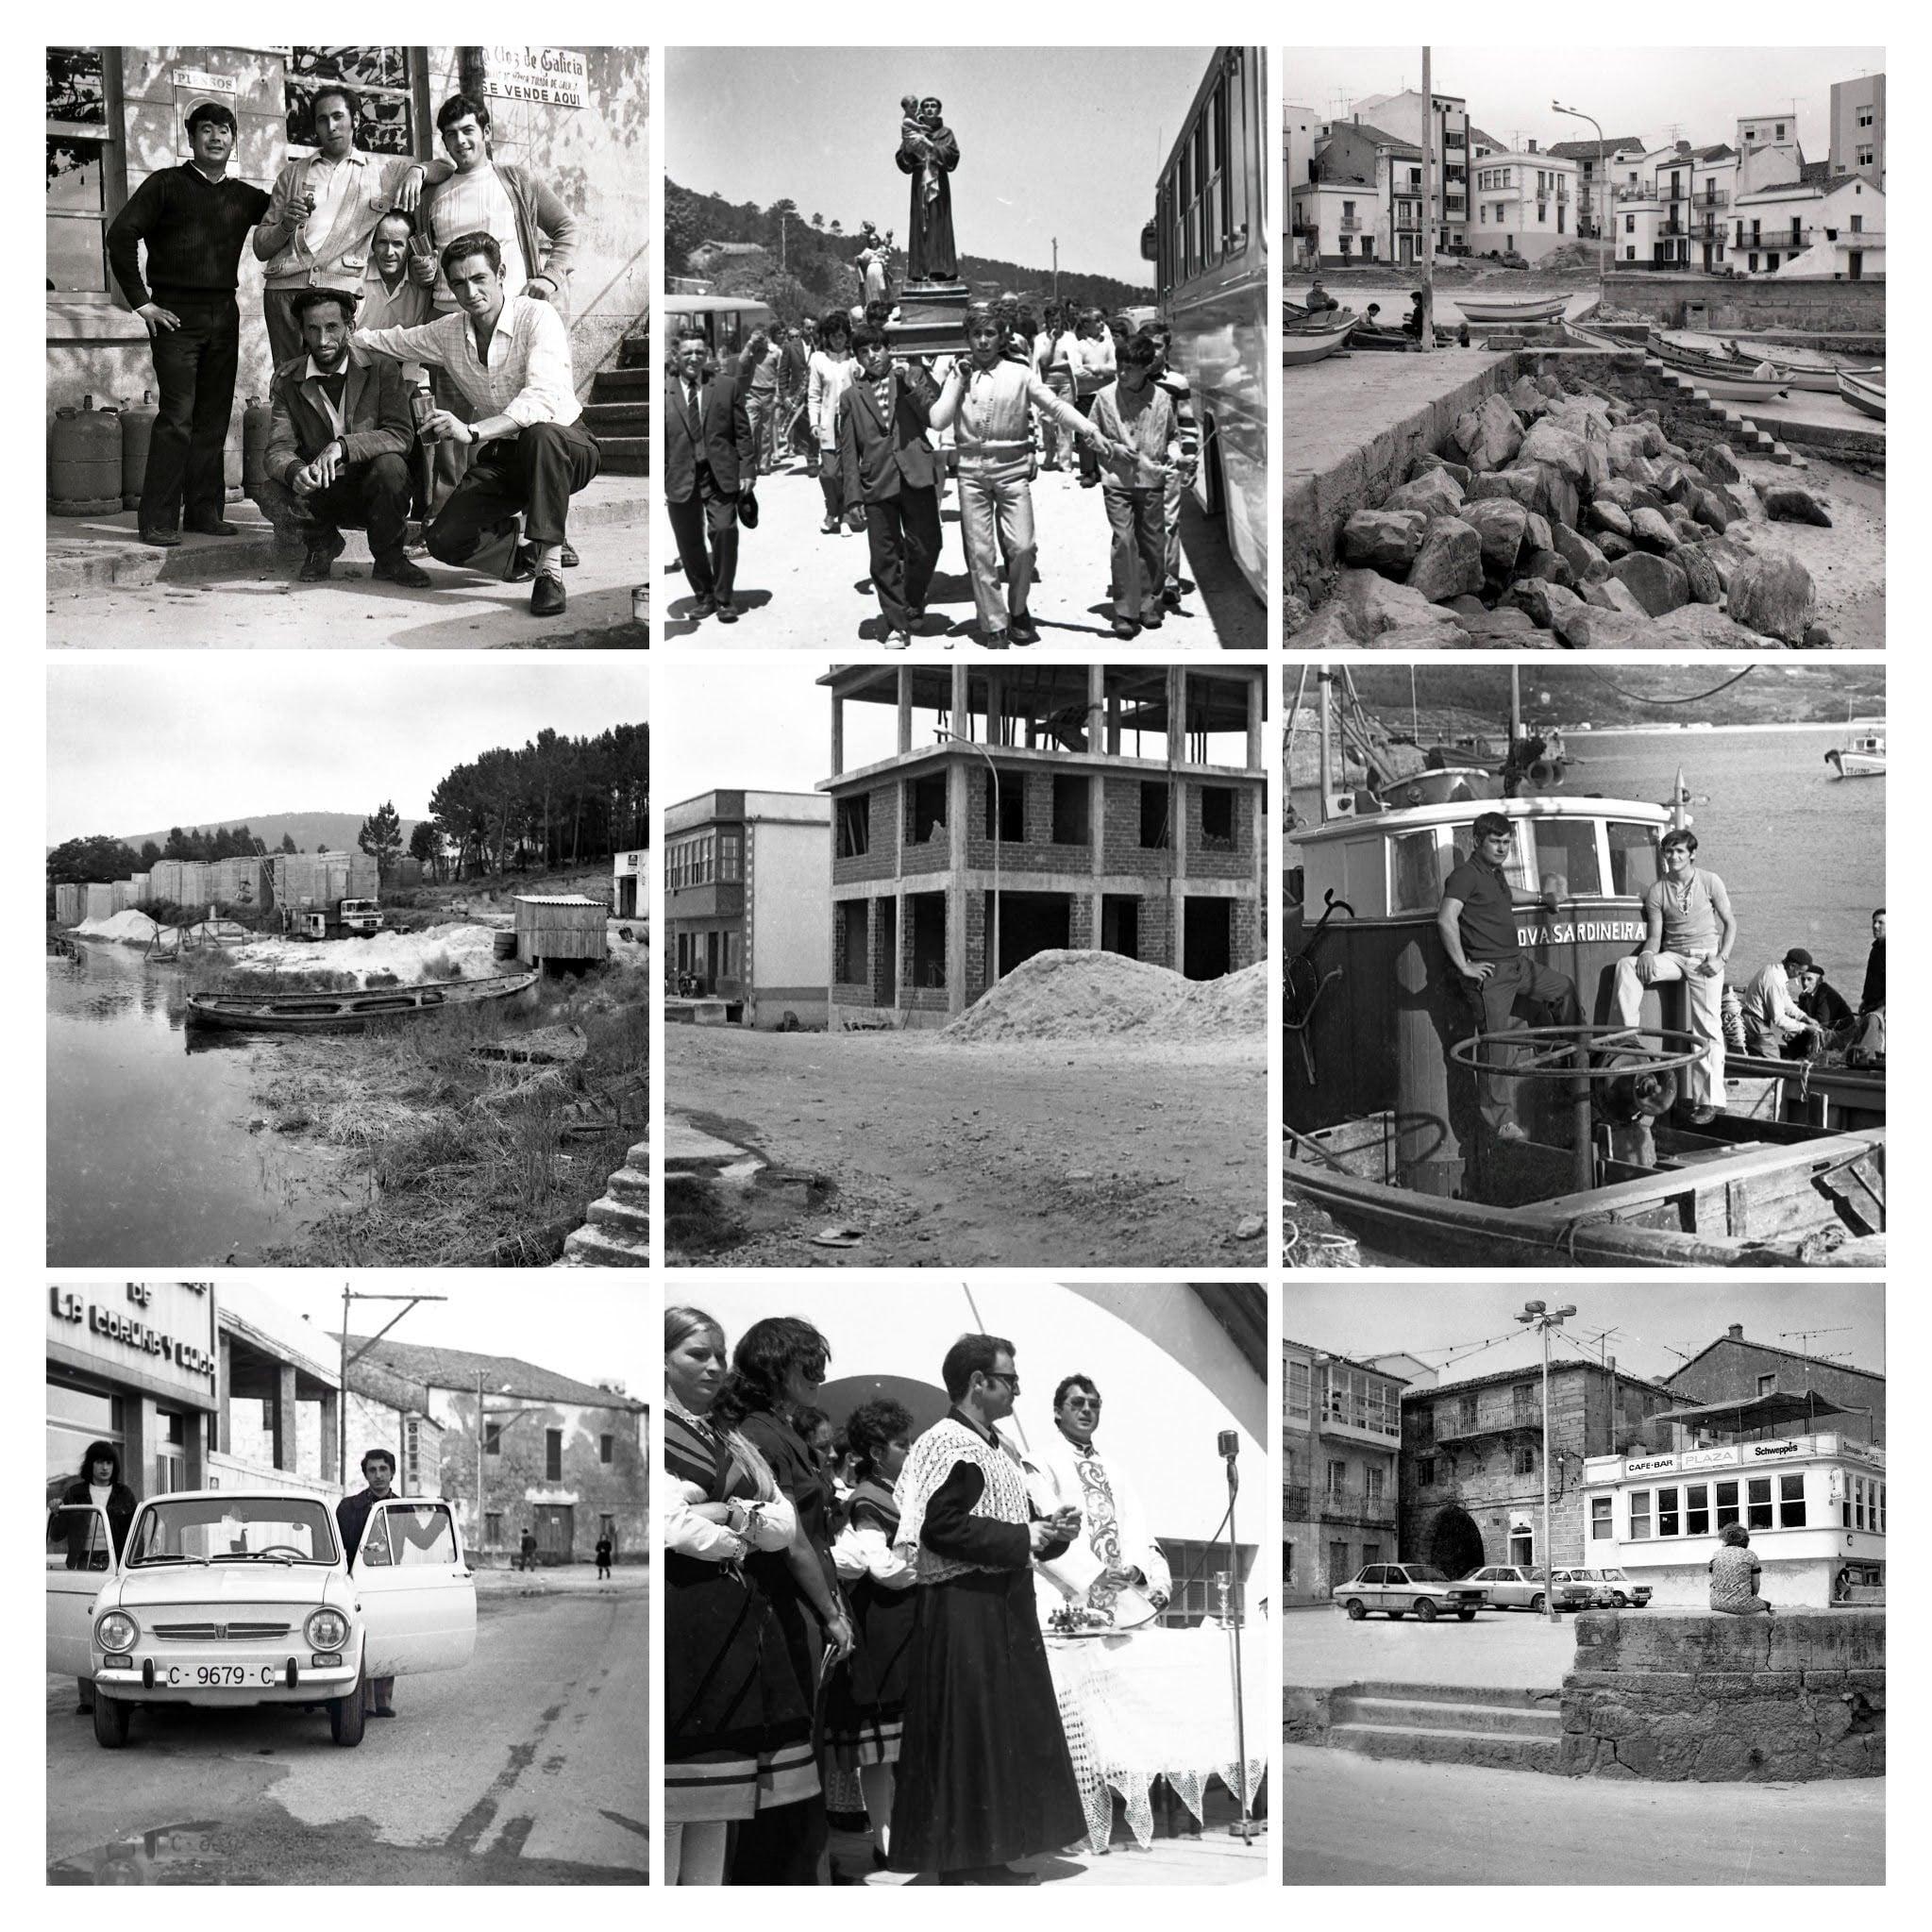 O Museo do Mar de Laxe ultima o tratamento de novas imaxes do fotógrafo local José María Vidal Eiroa